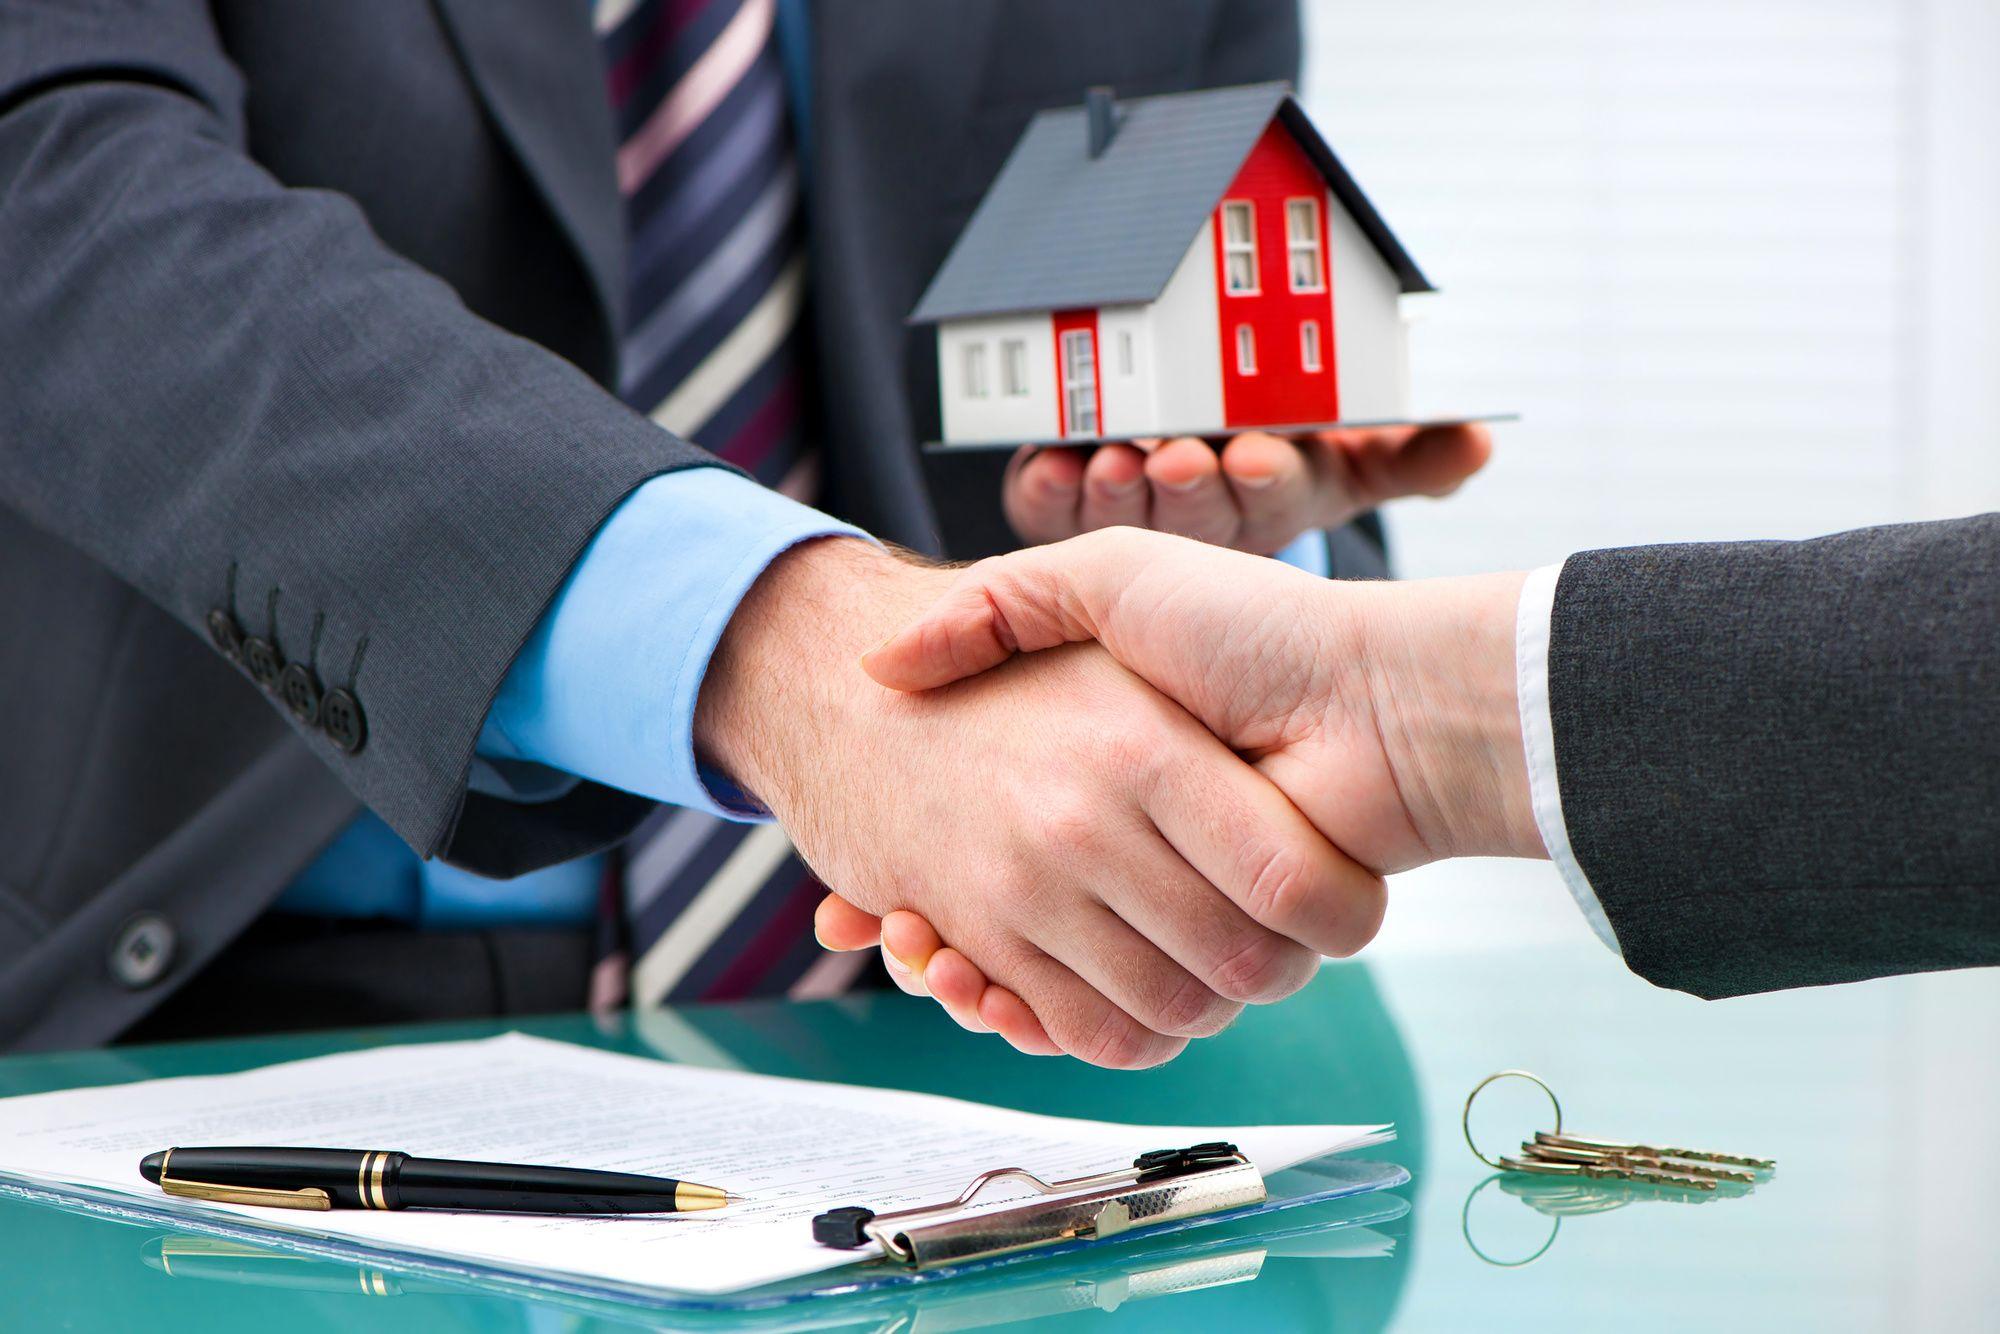 Обязательный контроль сделки: почему вас могут проверить?